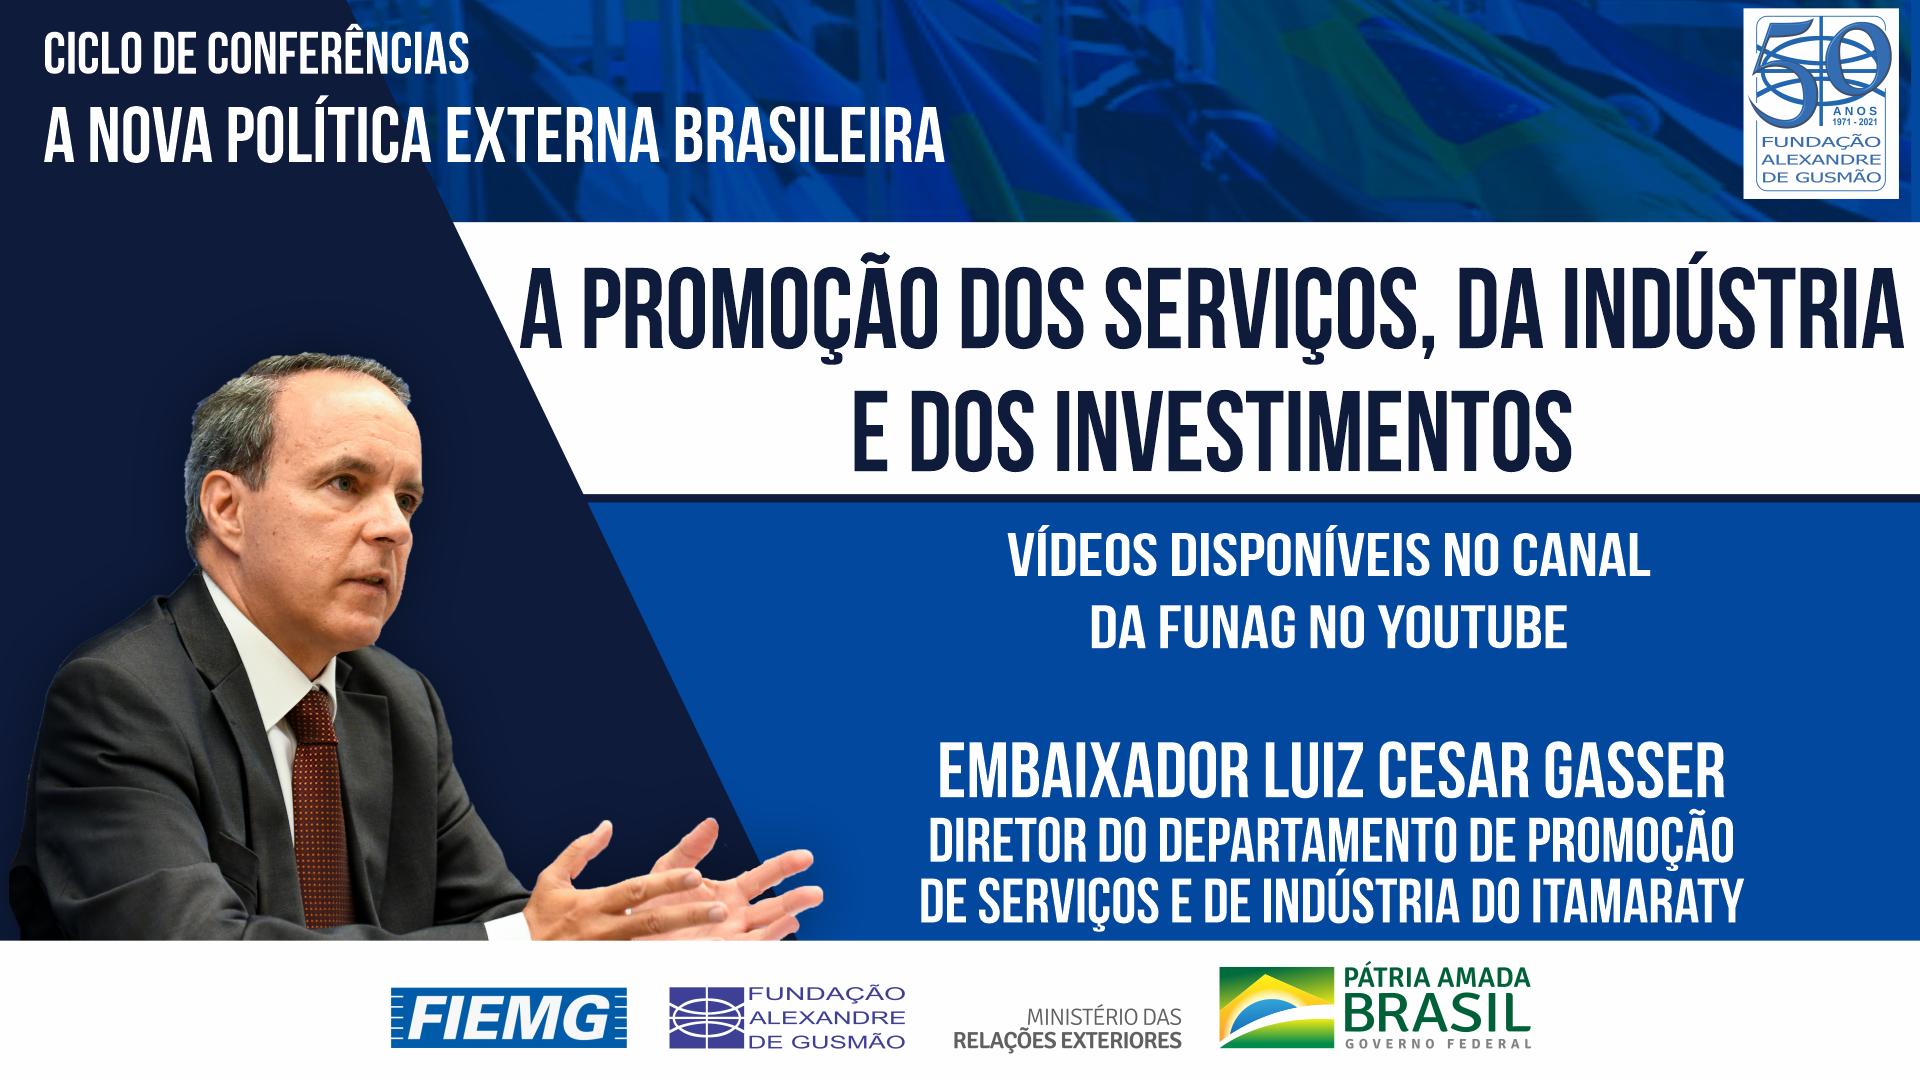 Assista à conferência do Embaixador Luiz Cesar Gasser, Diretor de Departamento de Promoção de Serviços e de Indústria do Itamaraty